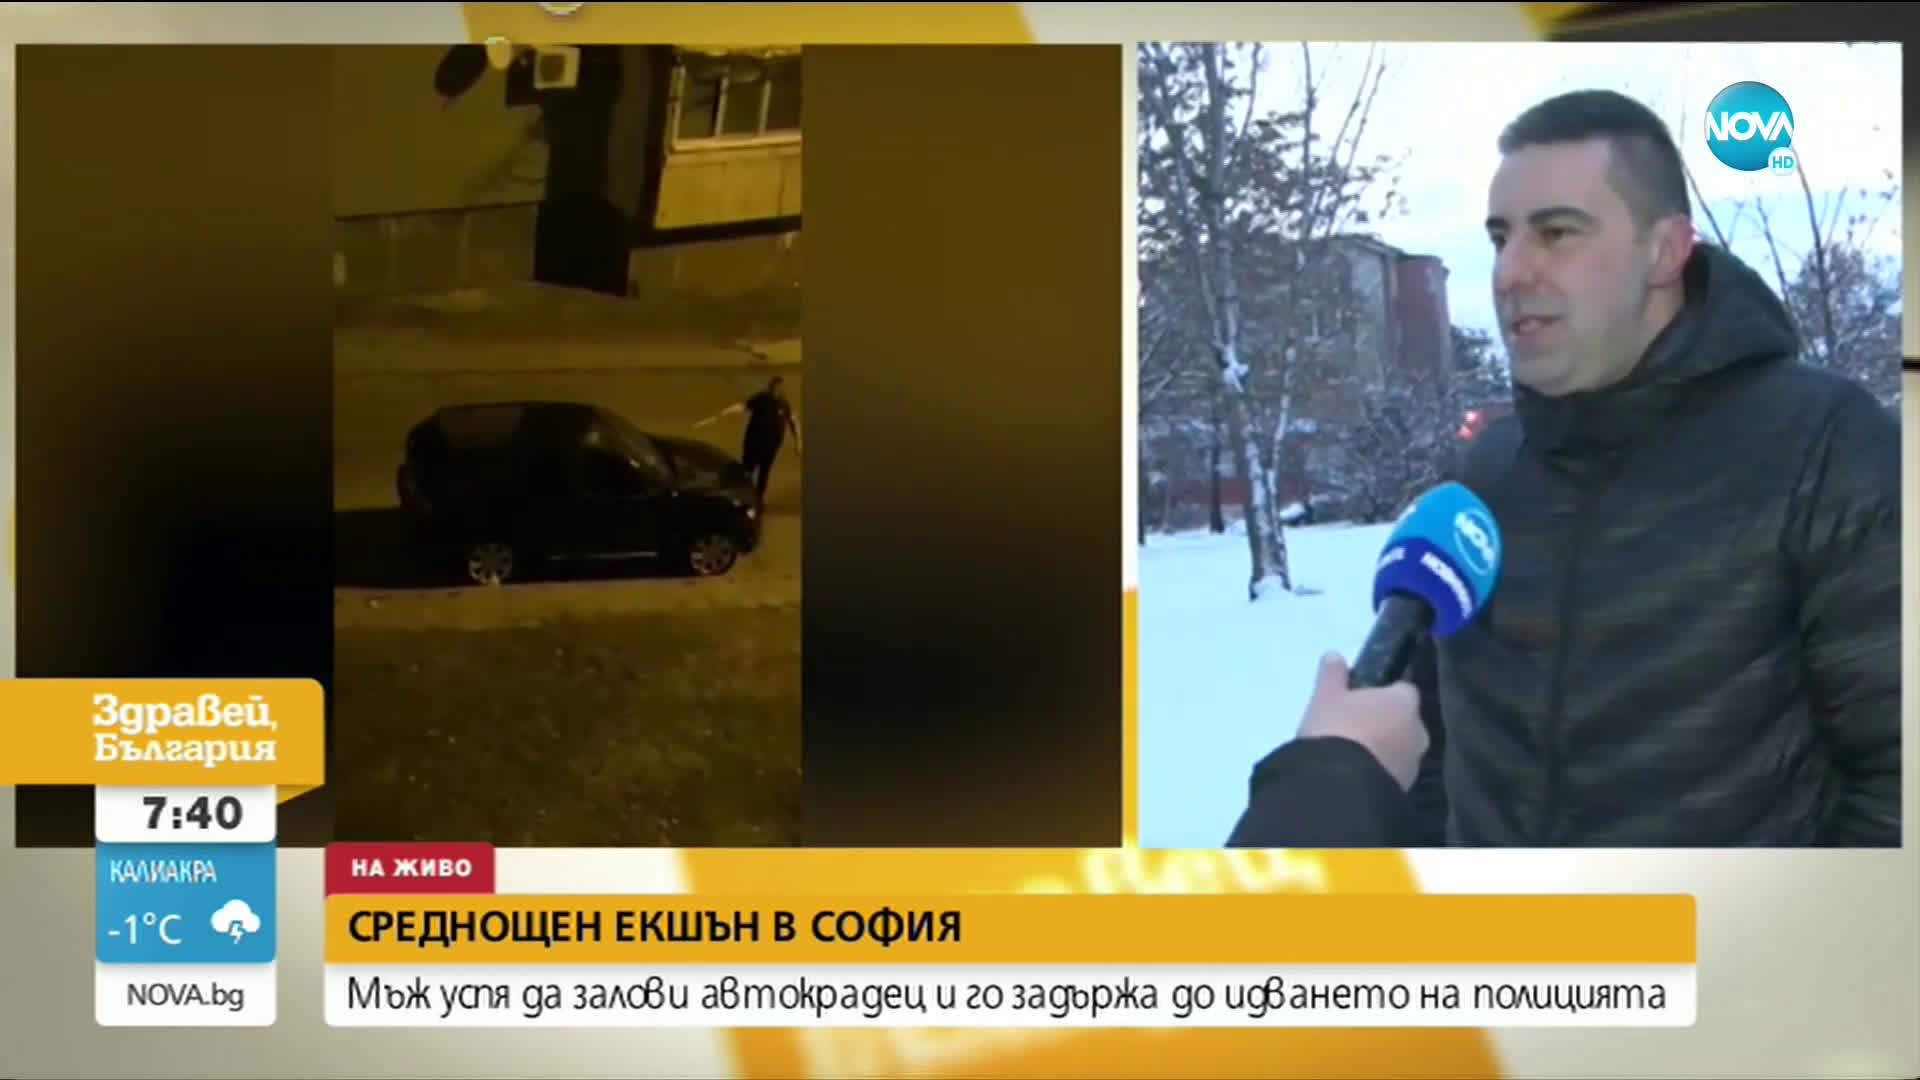 СРЕДНОЩЕН ЕКШЪН: Мъж залови крадец, докато обира автомобила му